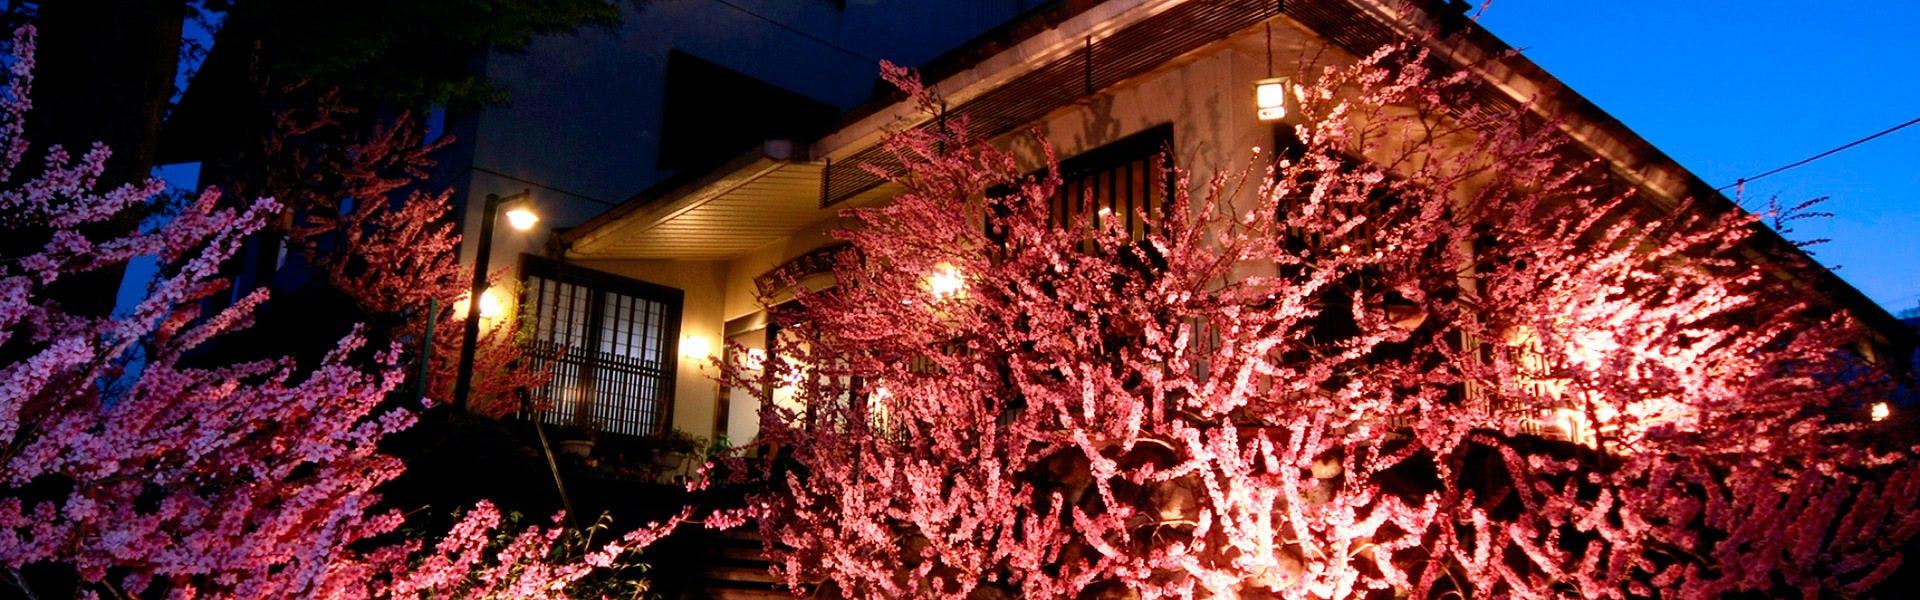 記念日におすすめのホテル・甲州最古の源泉とワインの宿 岩下温泉旅館の写真1